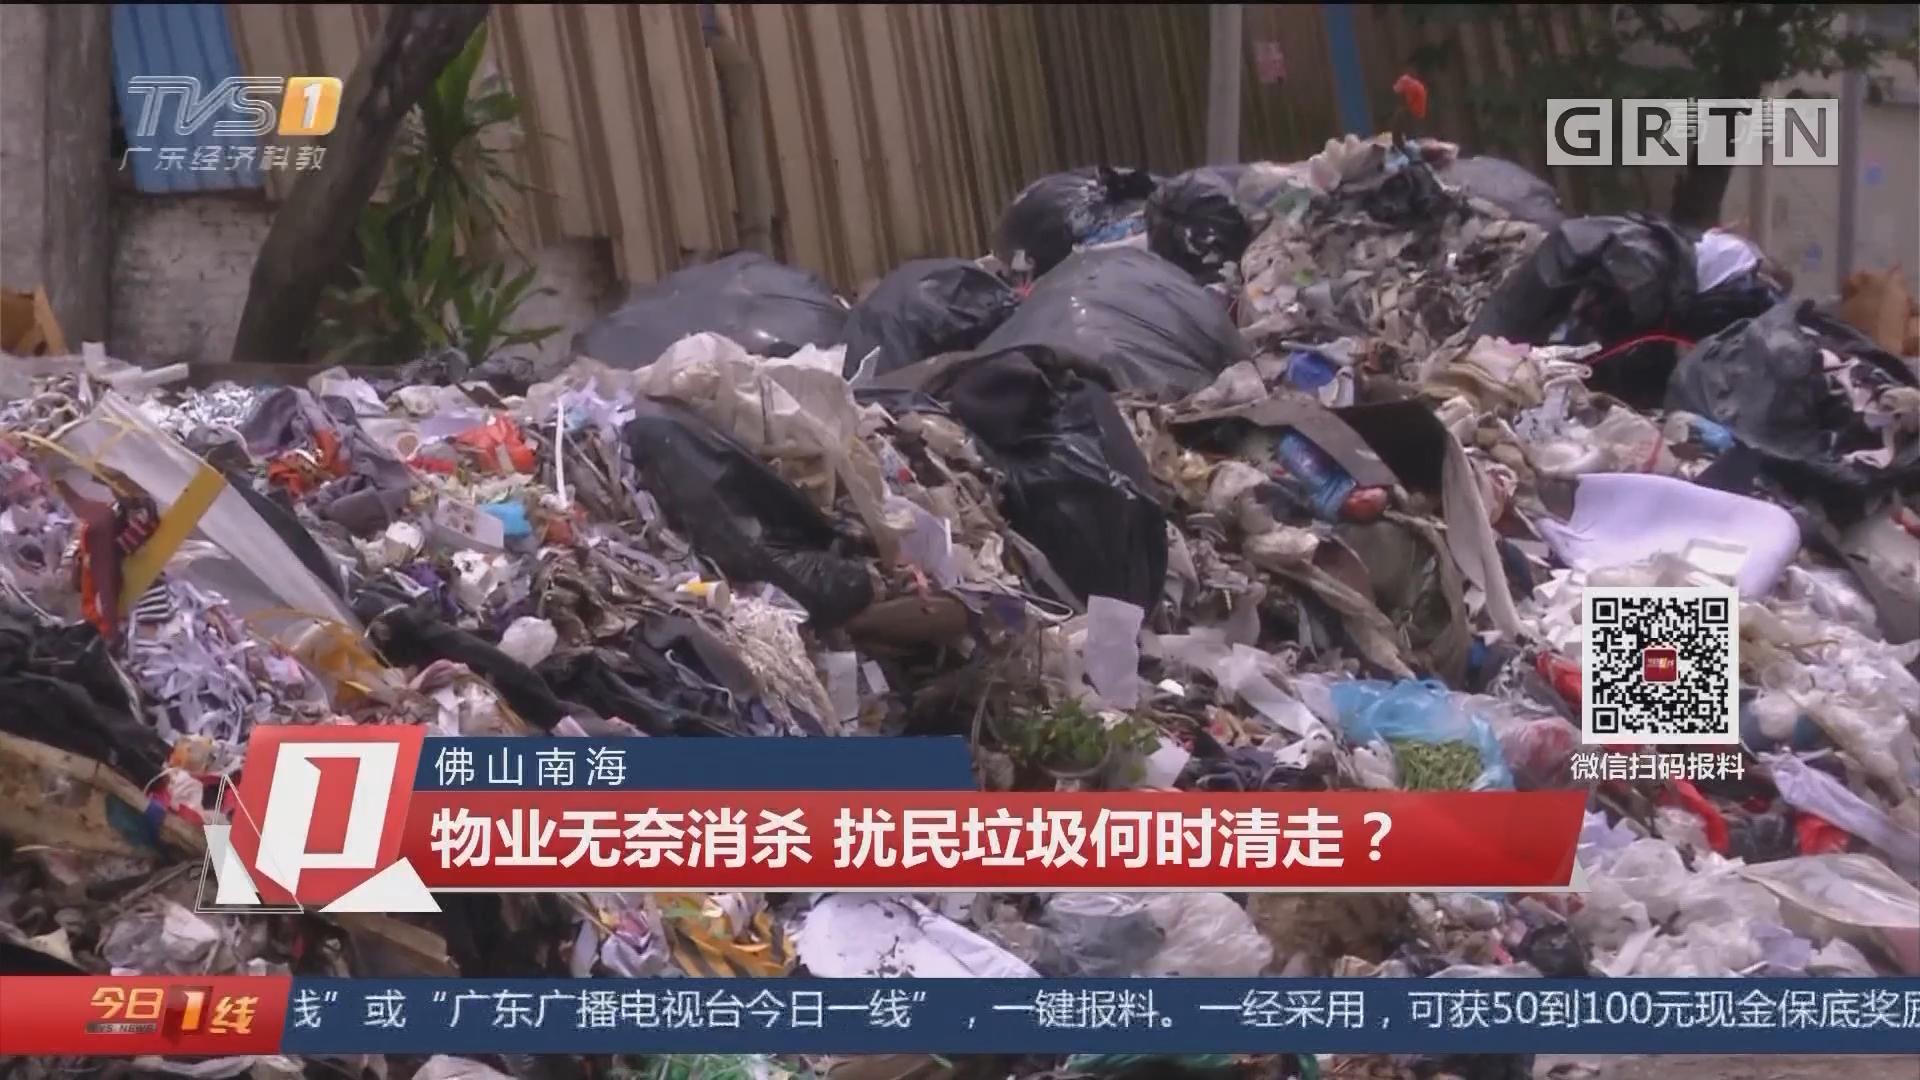 佛山南海:物业无奈消杀 扰民垃圾何时清走?